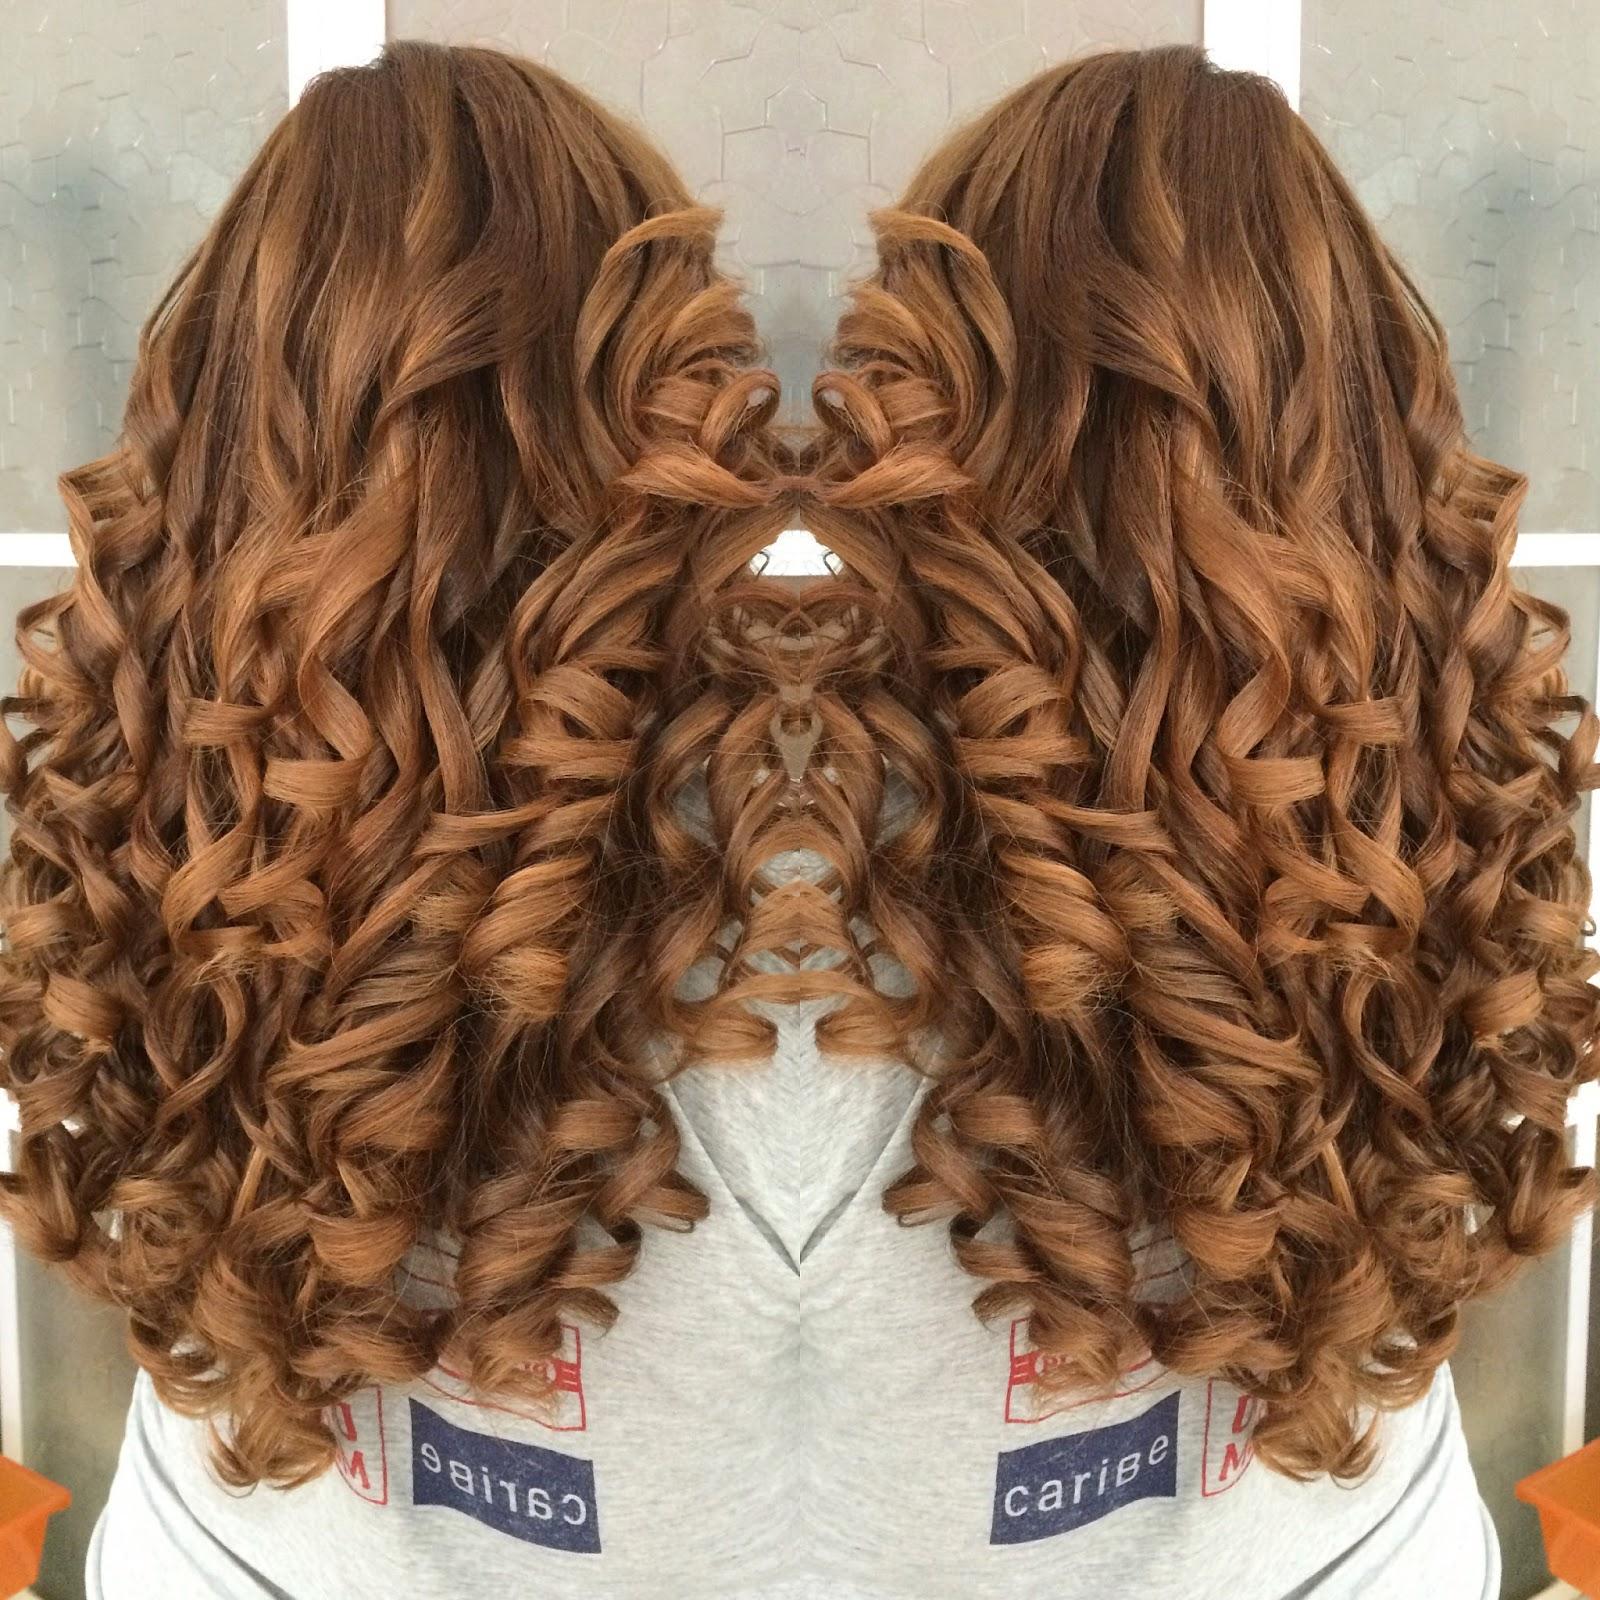 Fascinante peinados graduacion bachillerato Fotos de tutoriales de color de pelo - peinados para graduacion con birrete